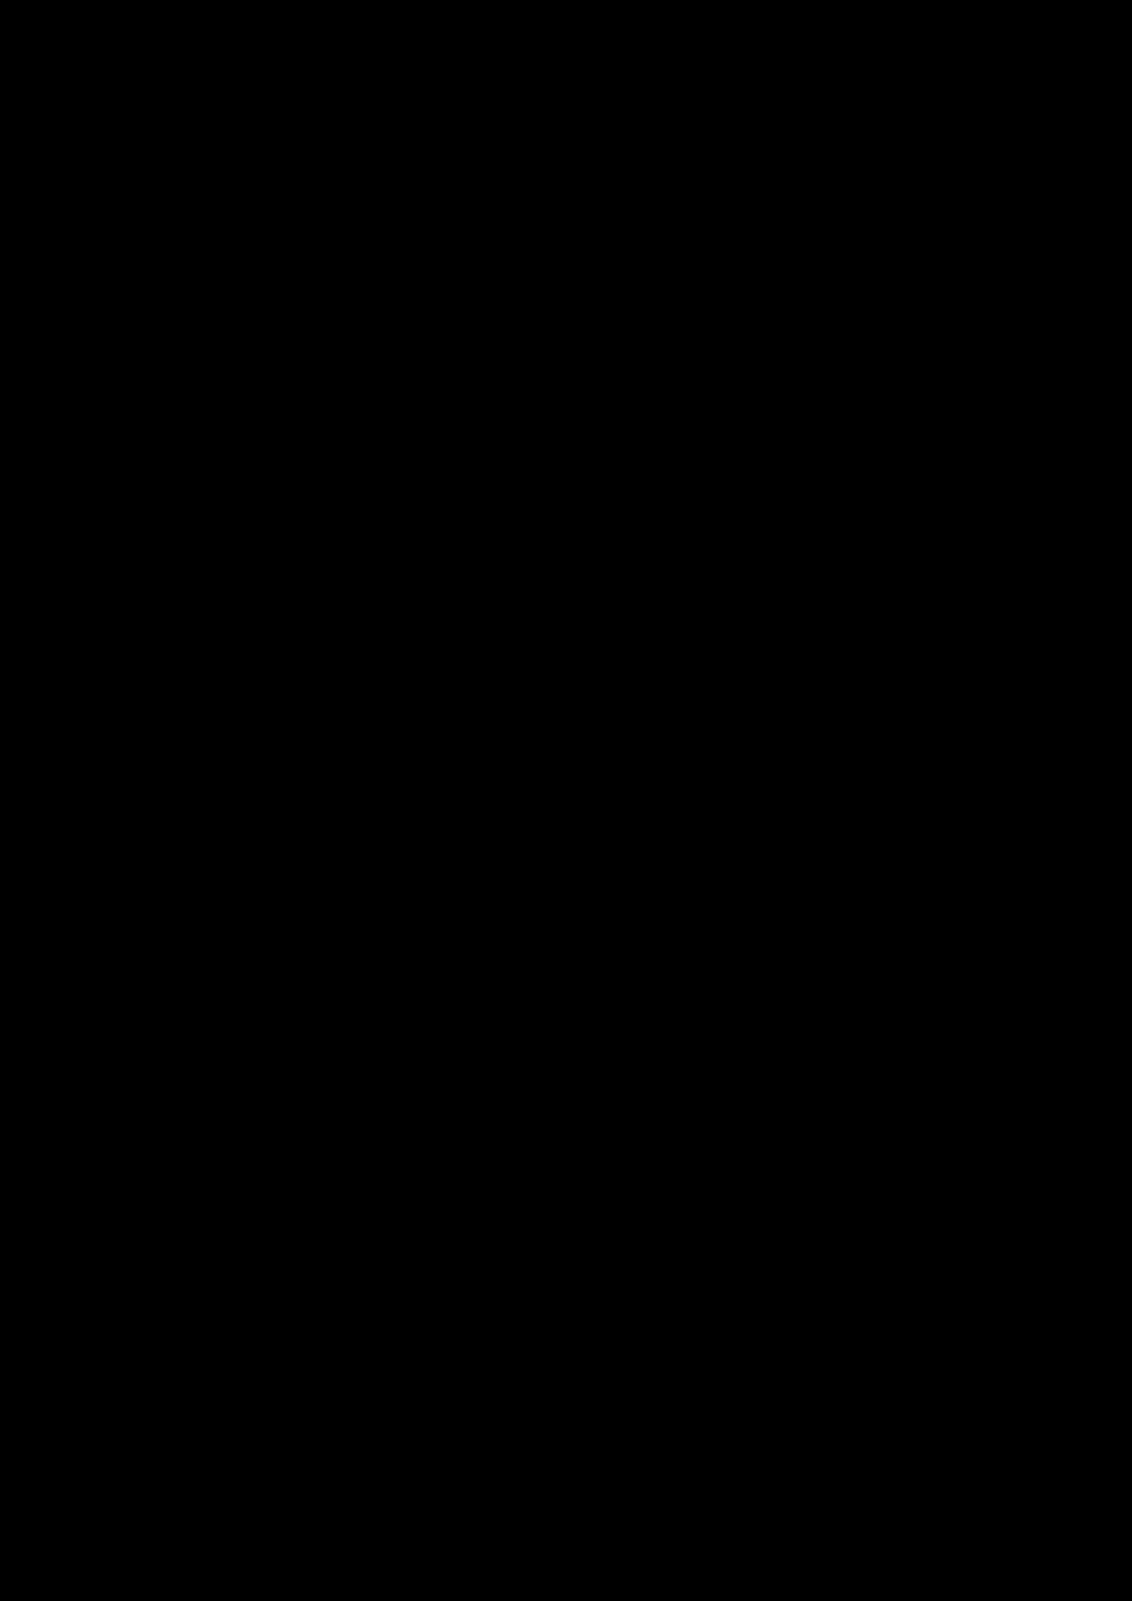 Zagadka volshebnoy stranyi slide, Image 61